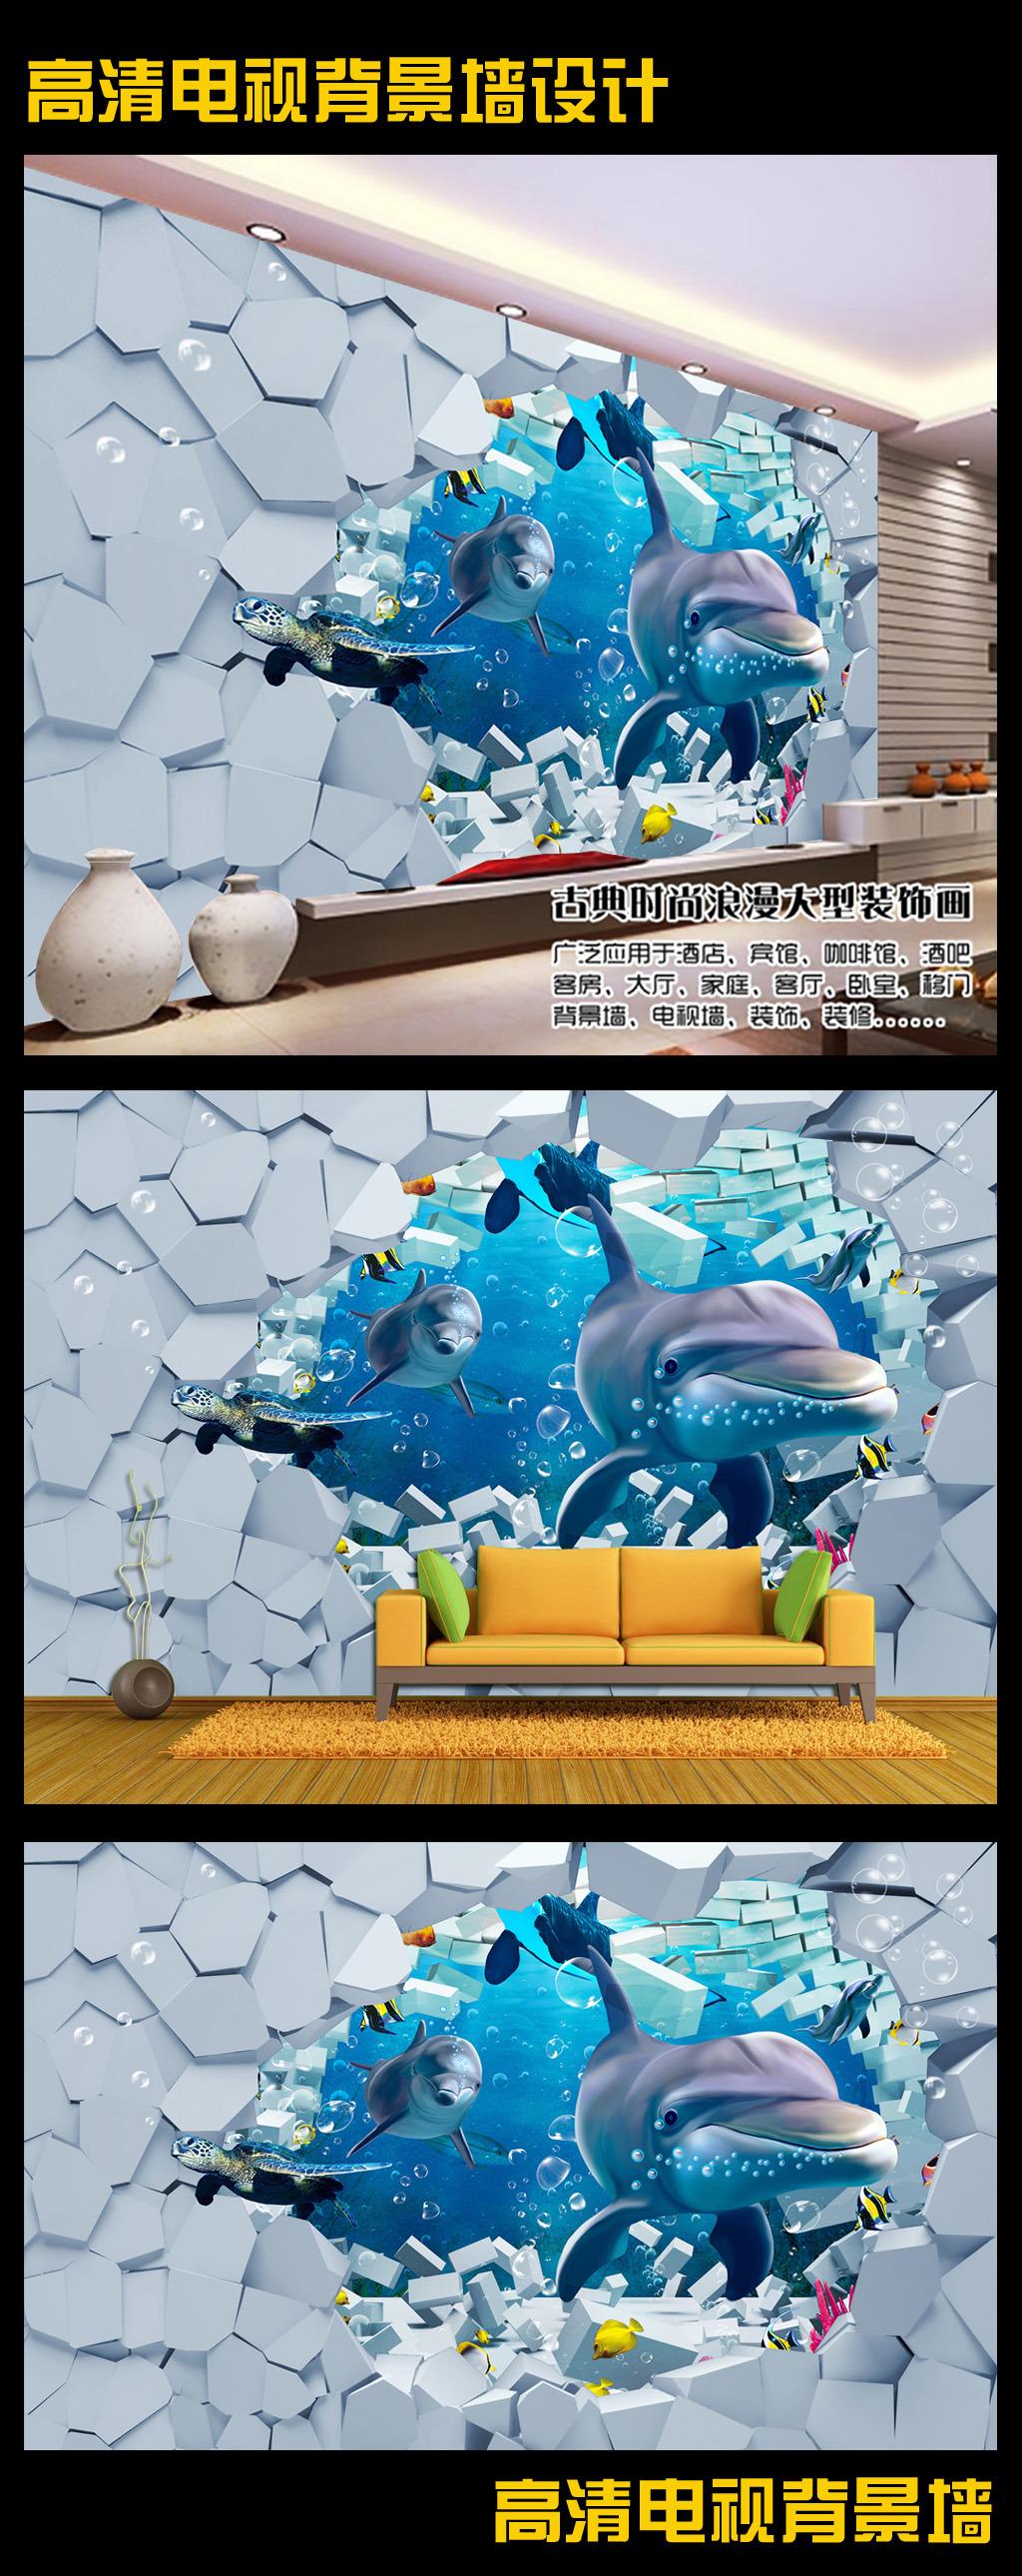 背景墙 壁画/3D壁画海底世界立体画背景墙设计...